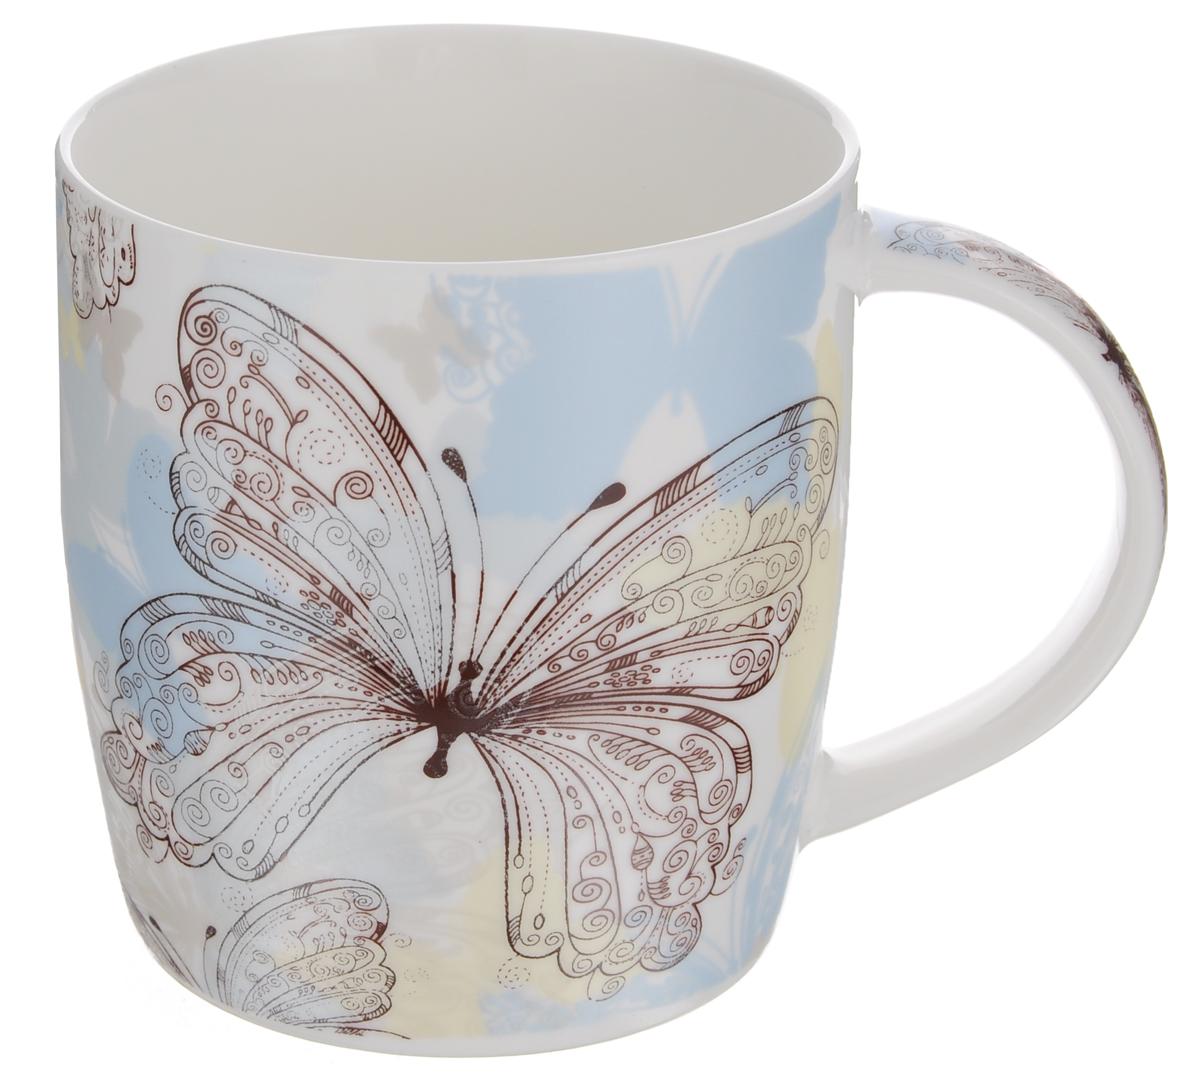 Кружка Бабочки, цвет: белый, голубой, 355 млLQB35-X404_белый, голубойКружка Бабочки изготовлена из высококачественного фарфора, покрытого слоем сверкающей глазури. Внешние стенки изделия оформлены красочным изображением бабочек. Такая кружка прекрасно подойдет для горячих и холодных напитков. Она дополнит коллекцию вашей кухонной посуды и будет служить долгие годы. Можно использовать в посудомоечной машине и СВЧ. Объем кружки: 355 мл. Диаметр кружки (по верхнему краю): 8,5 см. Высота стенки кружки: 9,5 см.